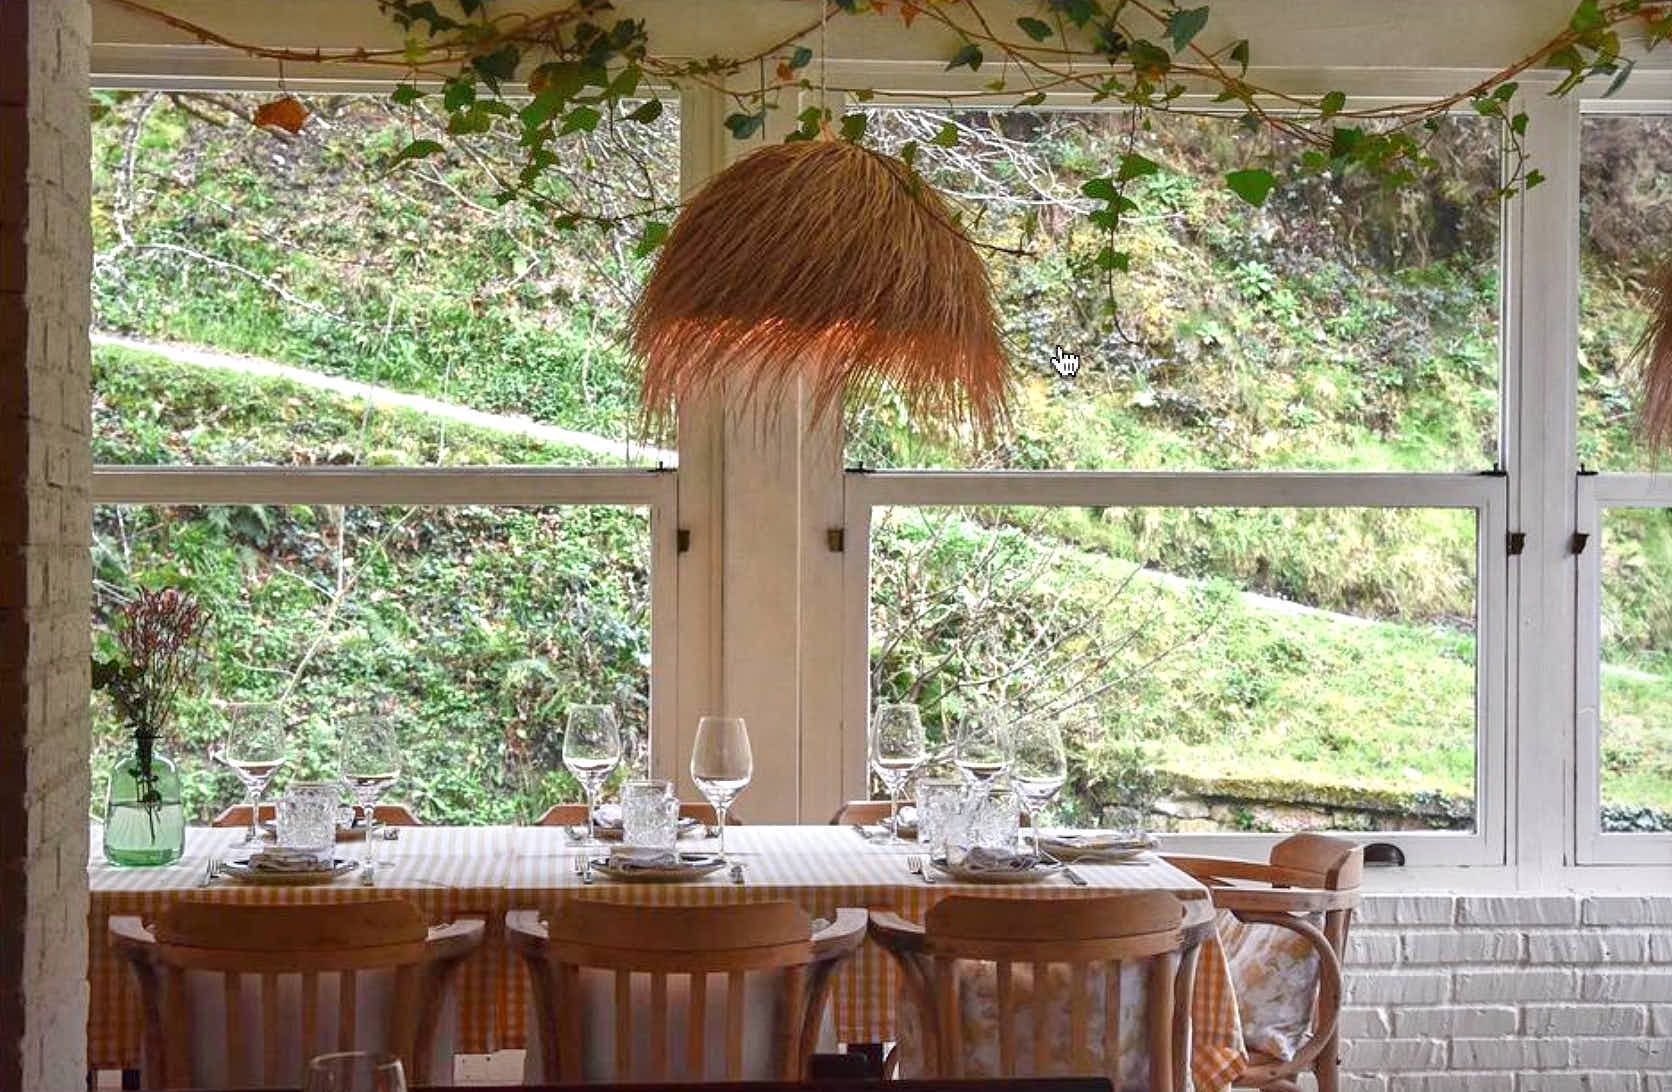 Mesa de interior del restaurante Molin de Mingo, en Peruyes, Cangas de Onis, Asturias